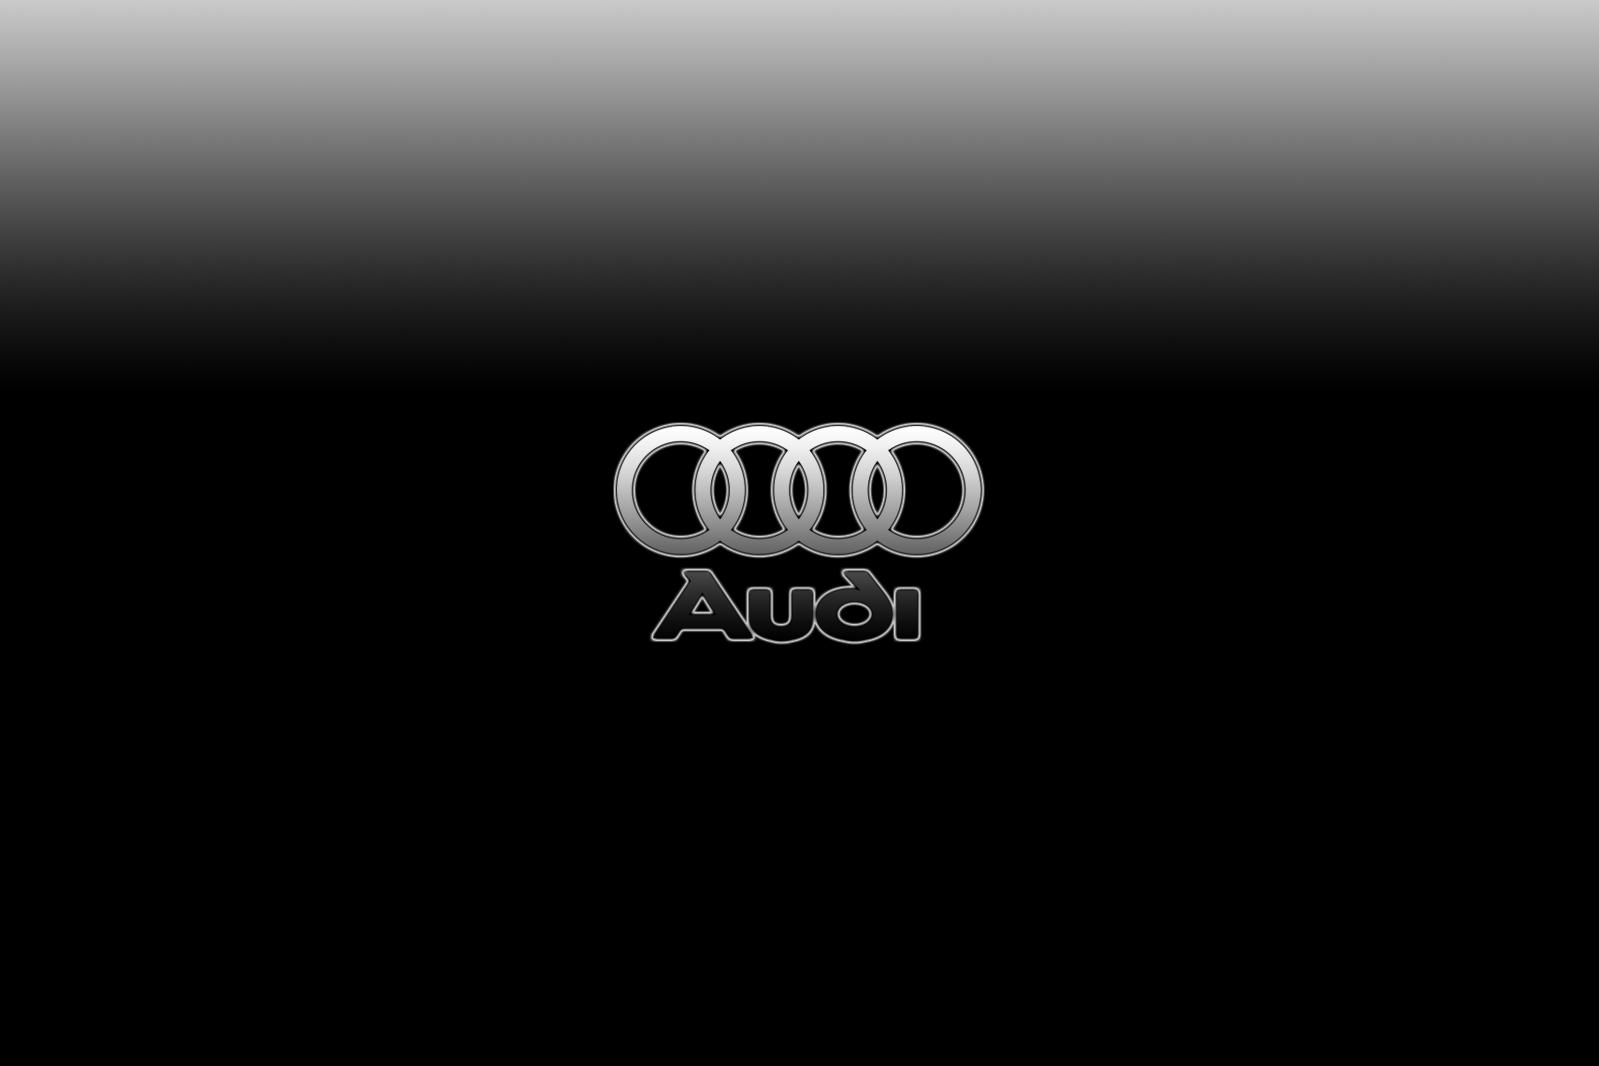 http://1.bp.blogspot.com/-i6CXekL72jg/UM_a6OrQm4I/AAAAAAAABrw/DFB0D-OKz4I/s1600/audi+logo+wallpaper.png